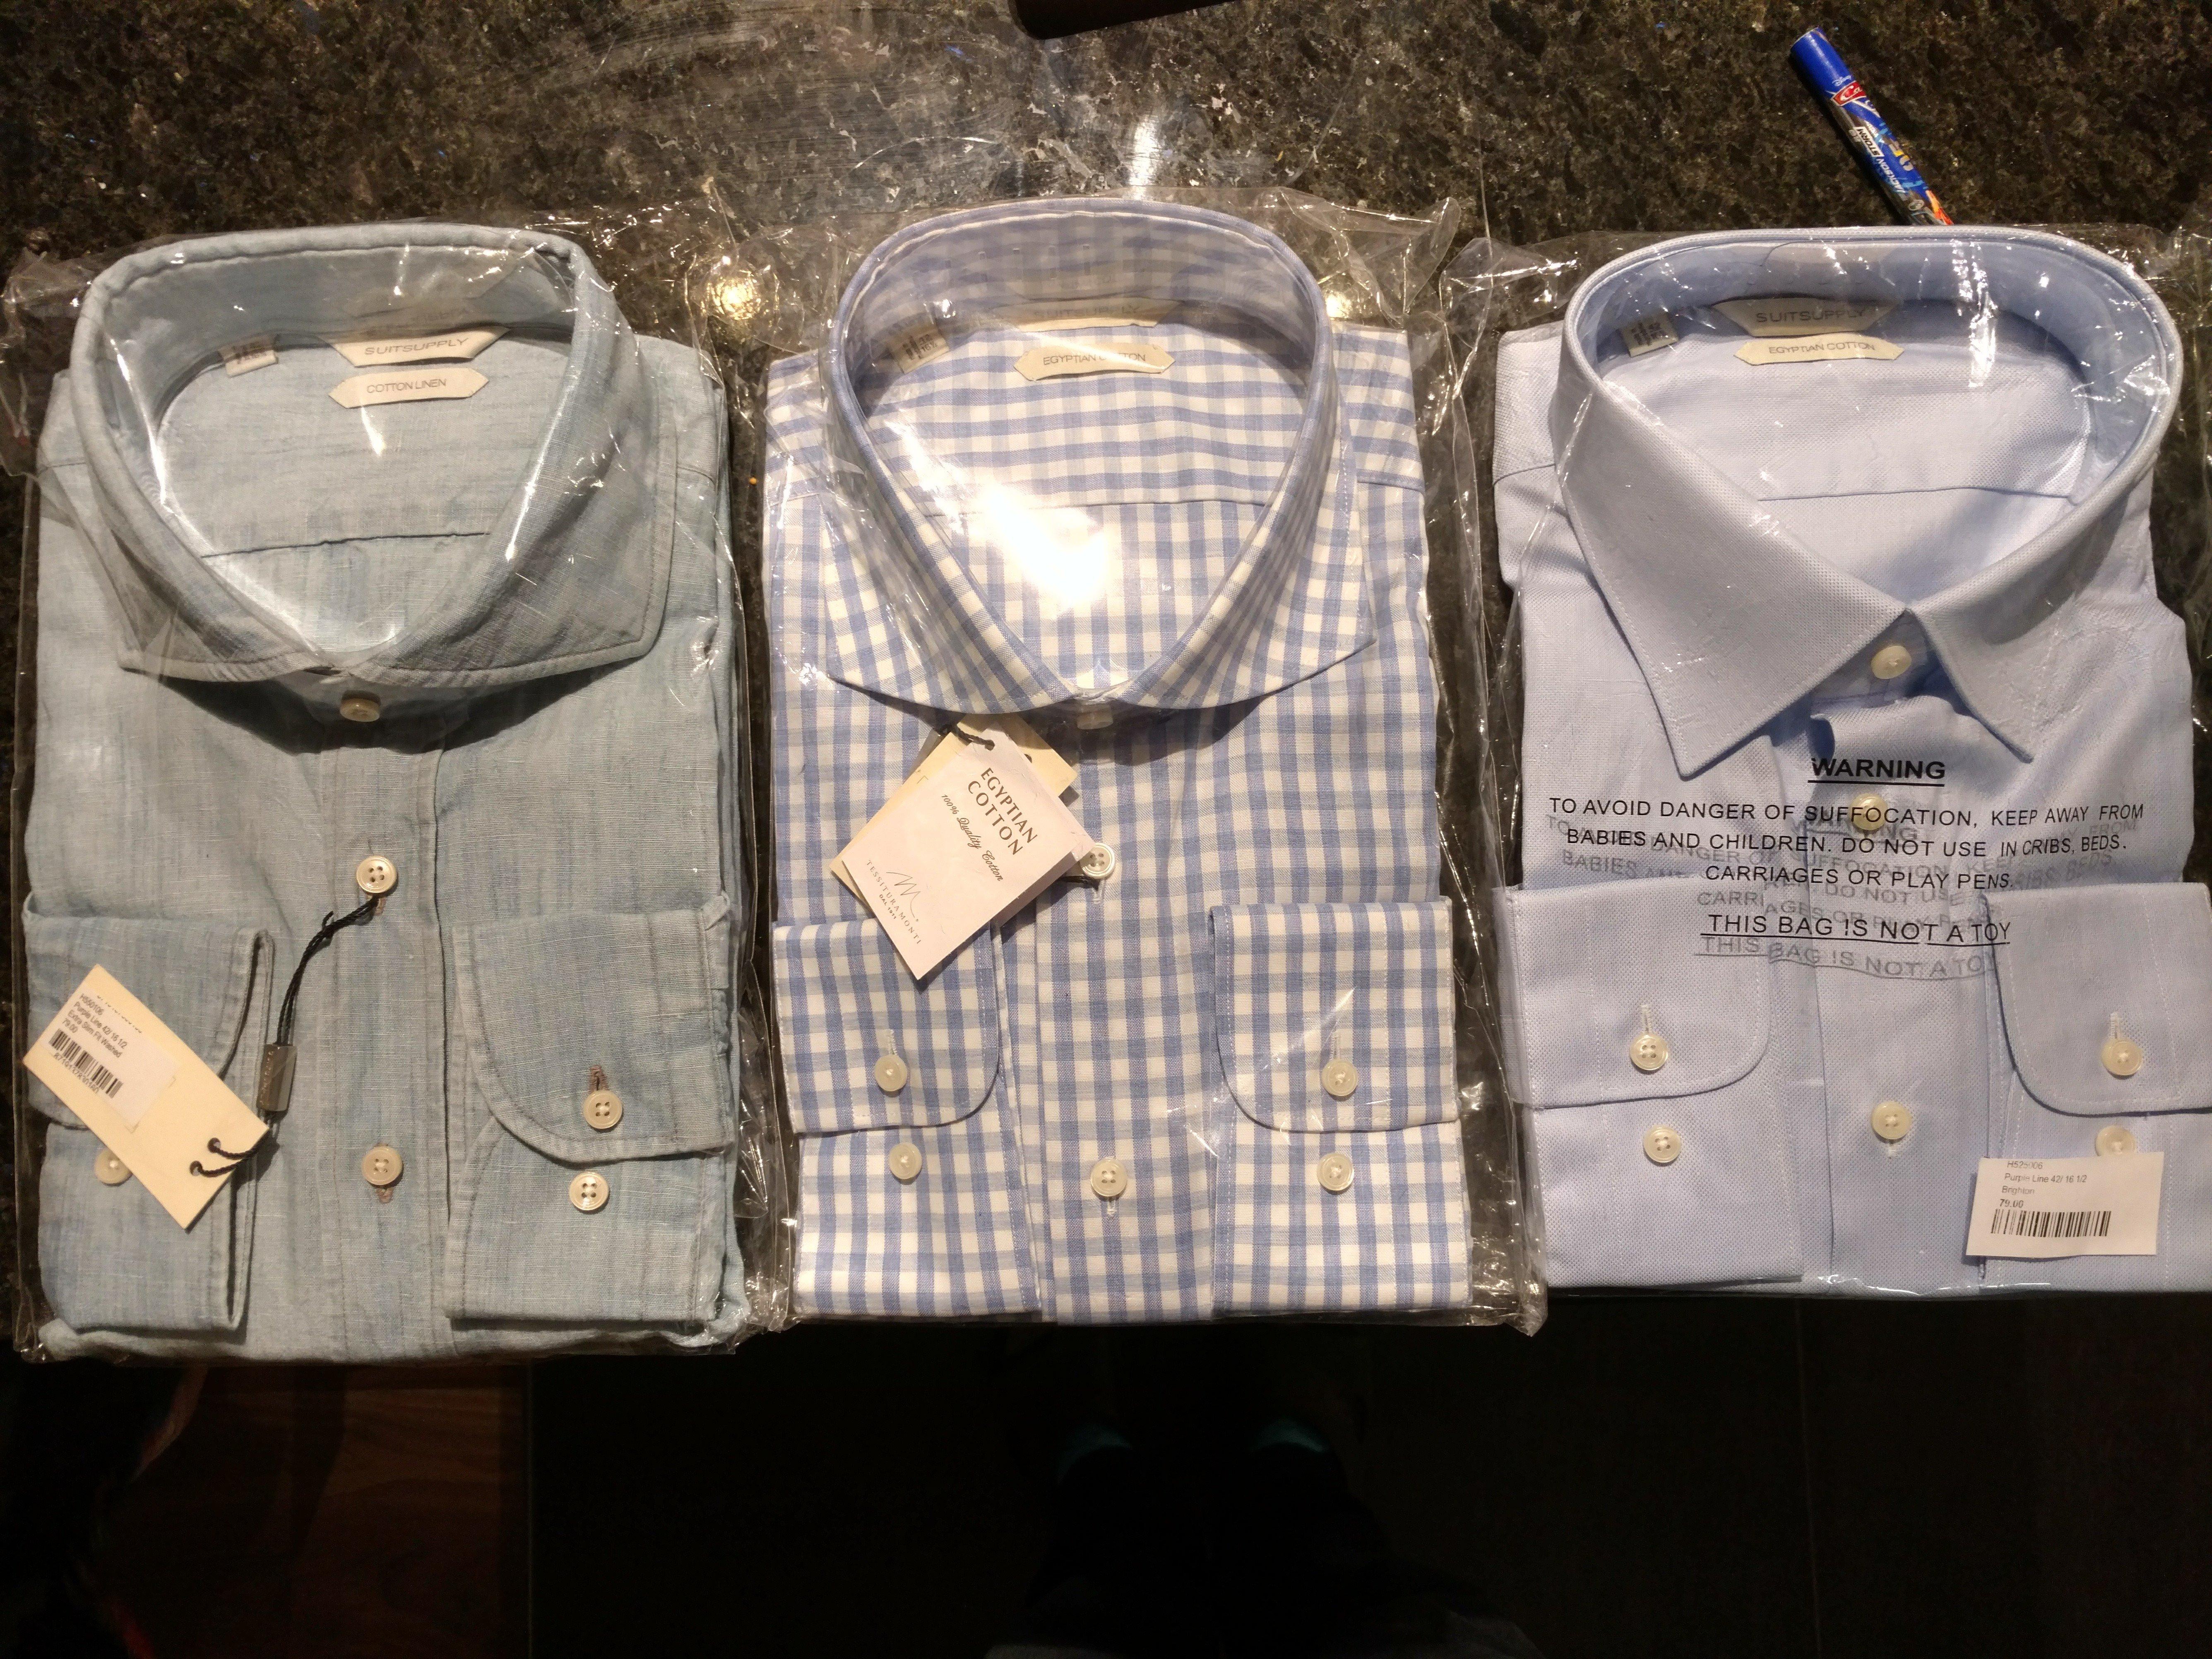 e4902769b905a Suit Supply - strona 211 - Przewodnik miejski - Forum But w Butonierce